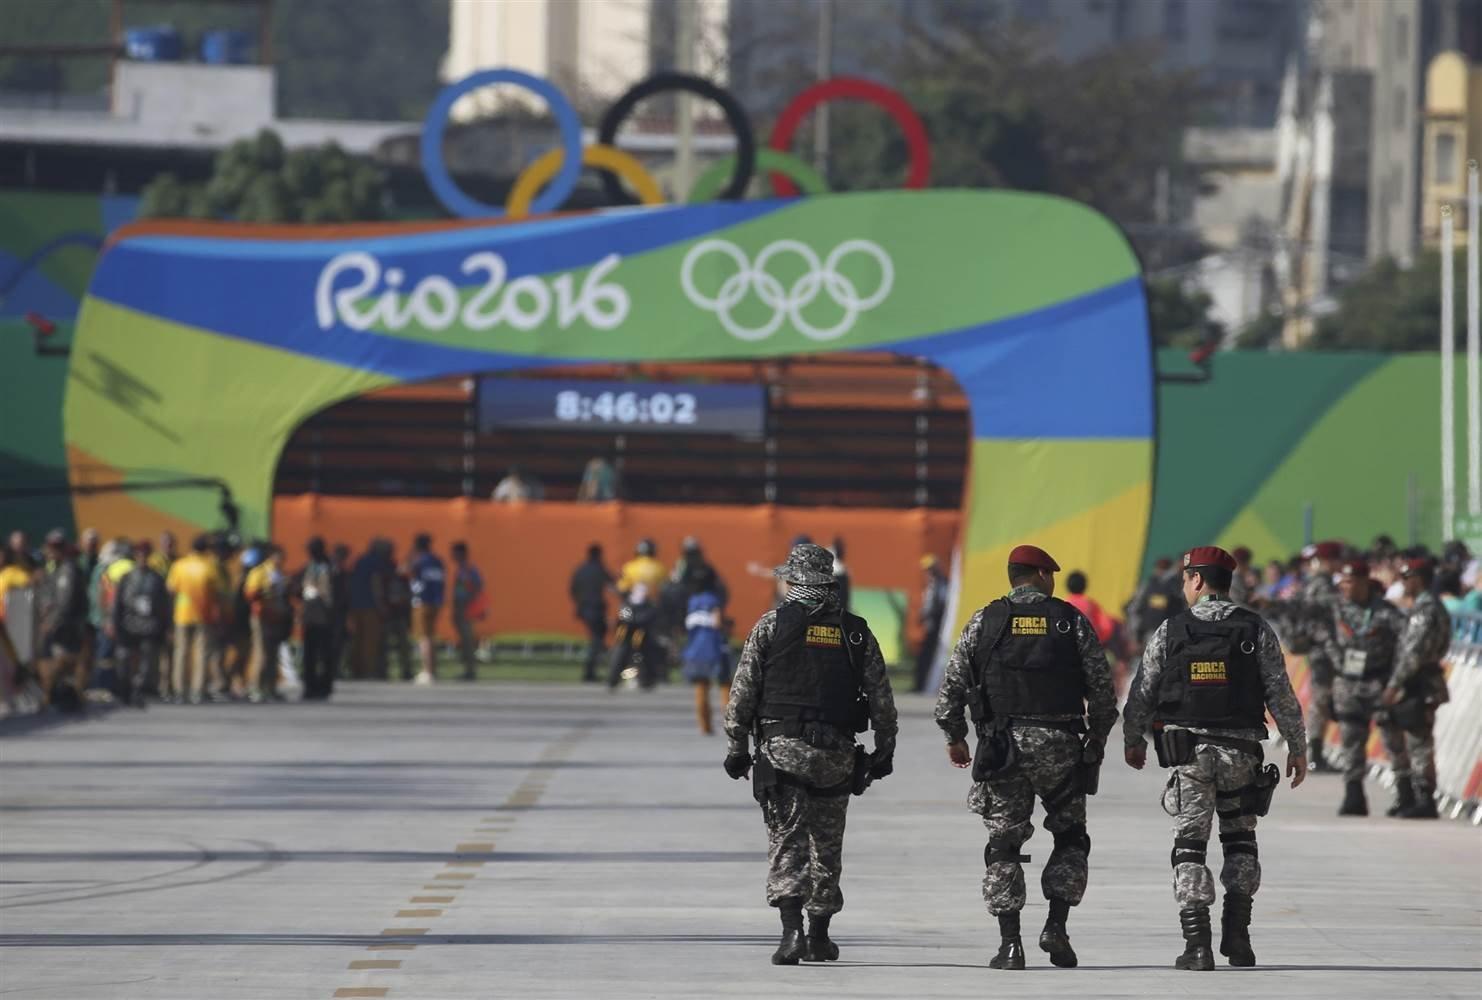 12 жителей Бразилии подозреваются в планировании биохимической атаки во время Игр-2016